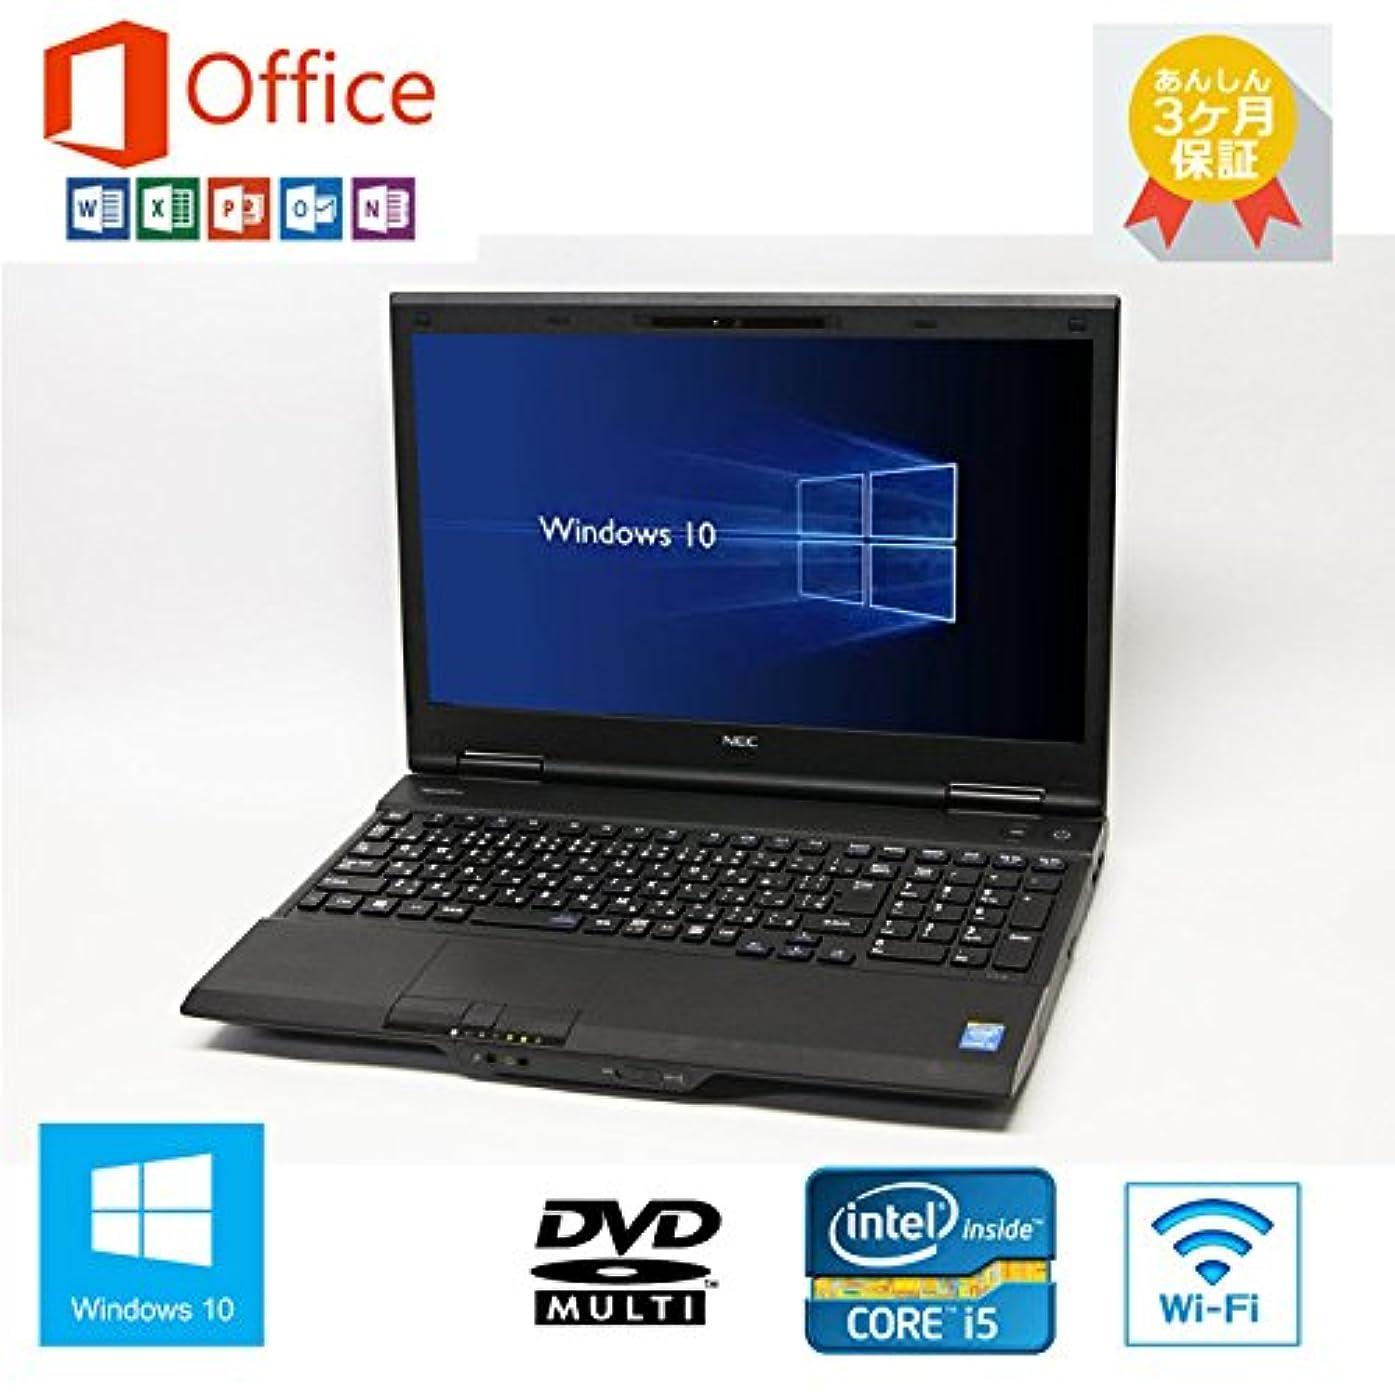 許容できる支援するシンボル【Microsoft Office2010搭載】【Win10搭載】NEC VK27 /第三世帯 Core i5 2.7GHz/メモリ4GB/HDD250GB/DVDスーパーマルチドライブ/大画面15.6インチ/無線LAN搭載/中古ノートパソコン